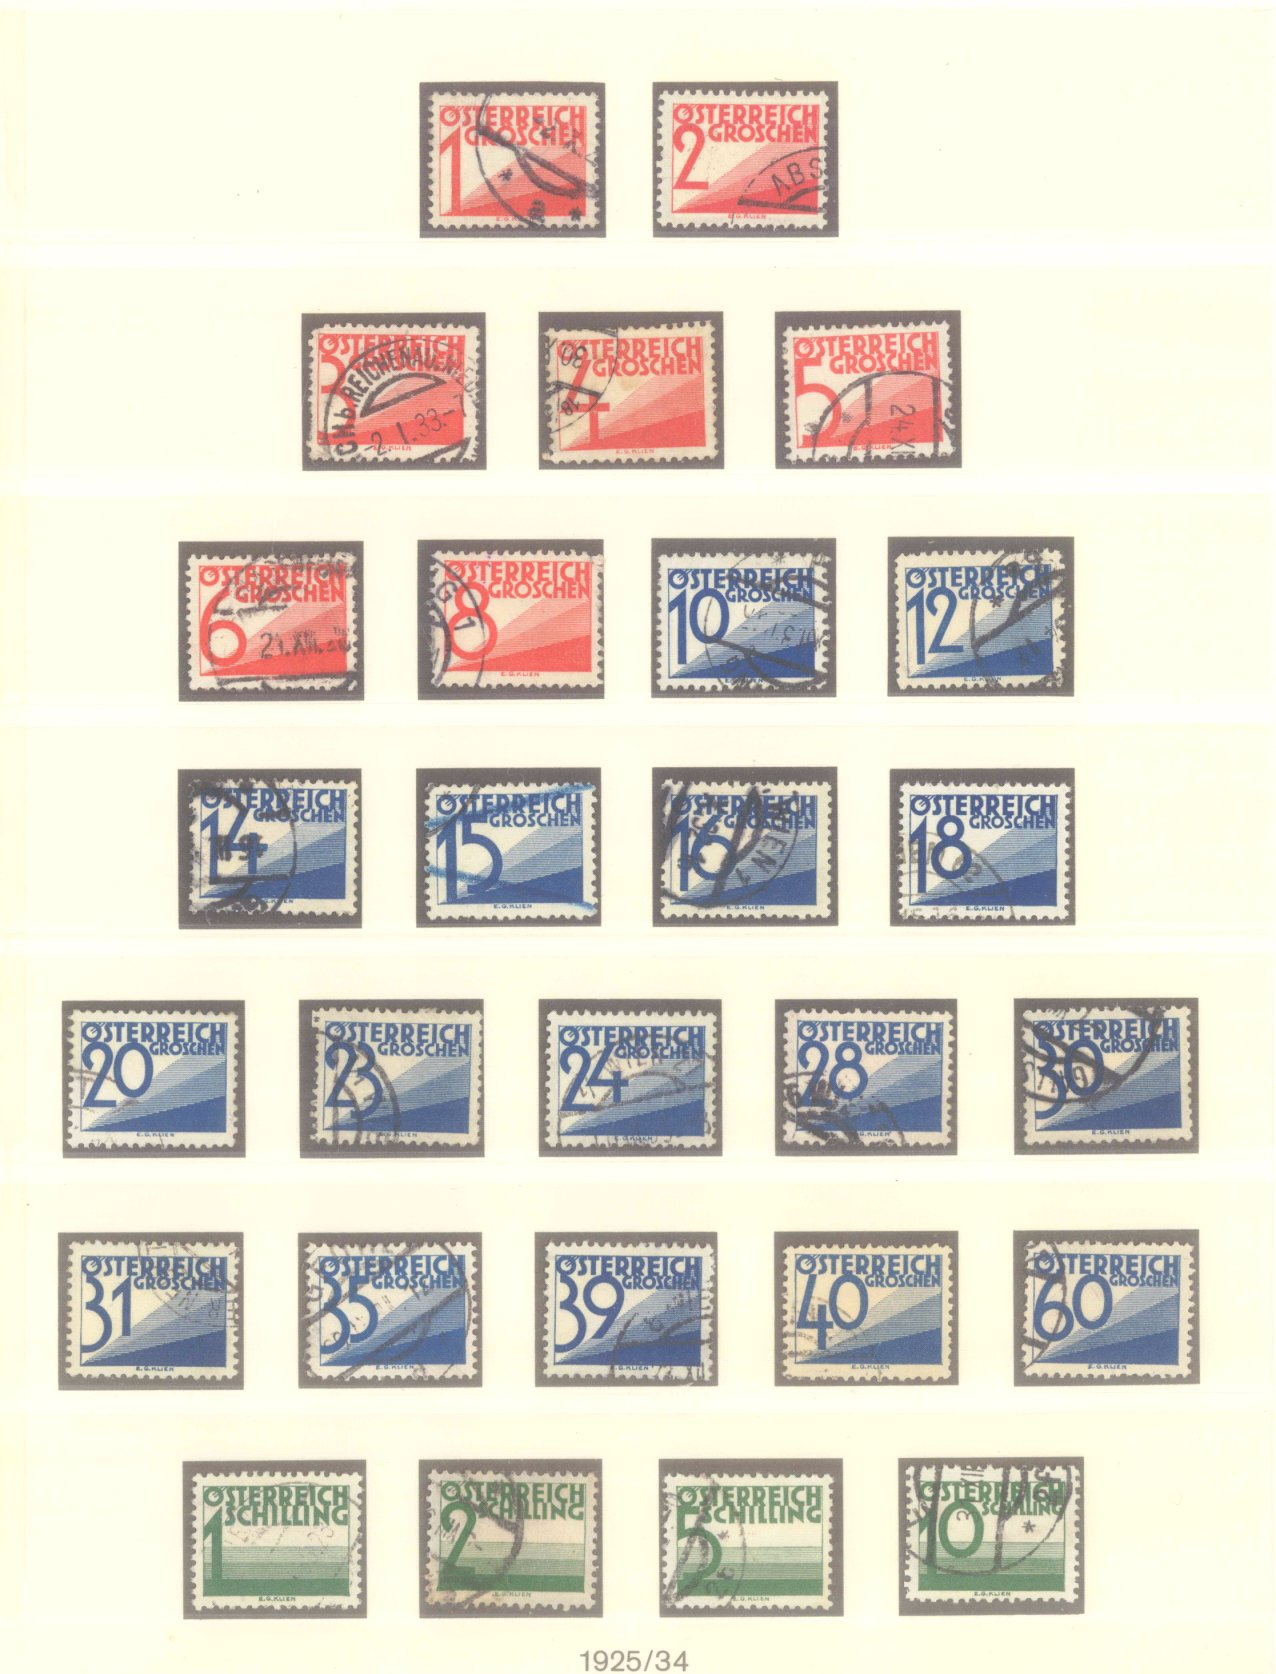 ÖSTERREICH 1925-1937-9